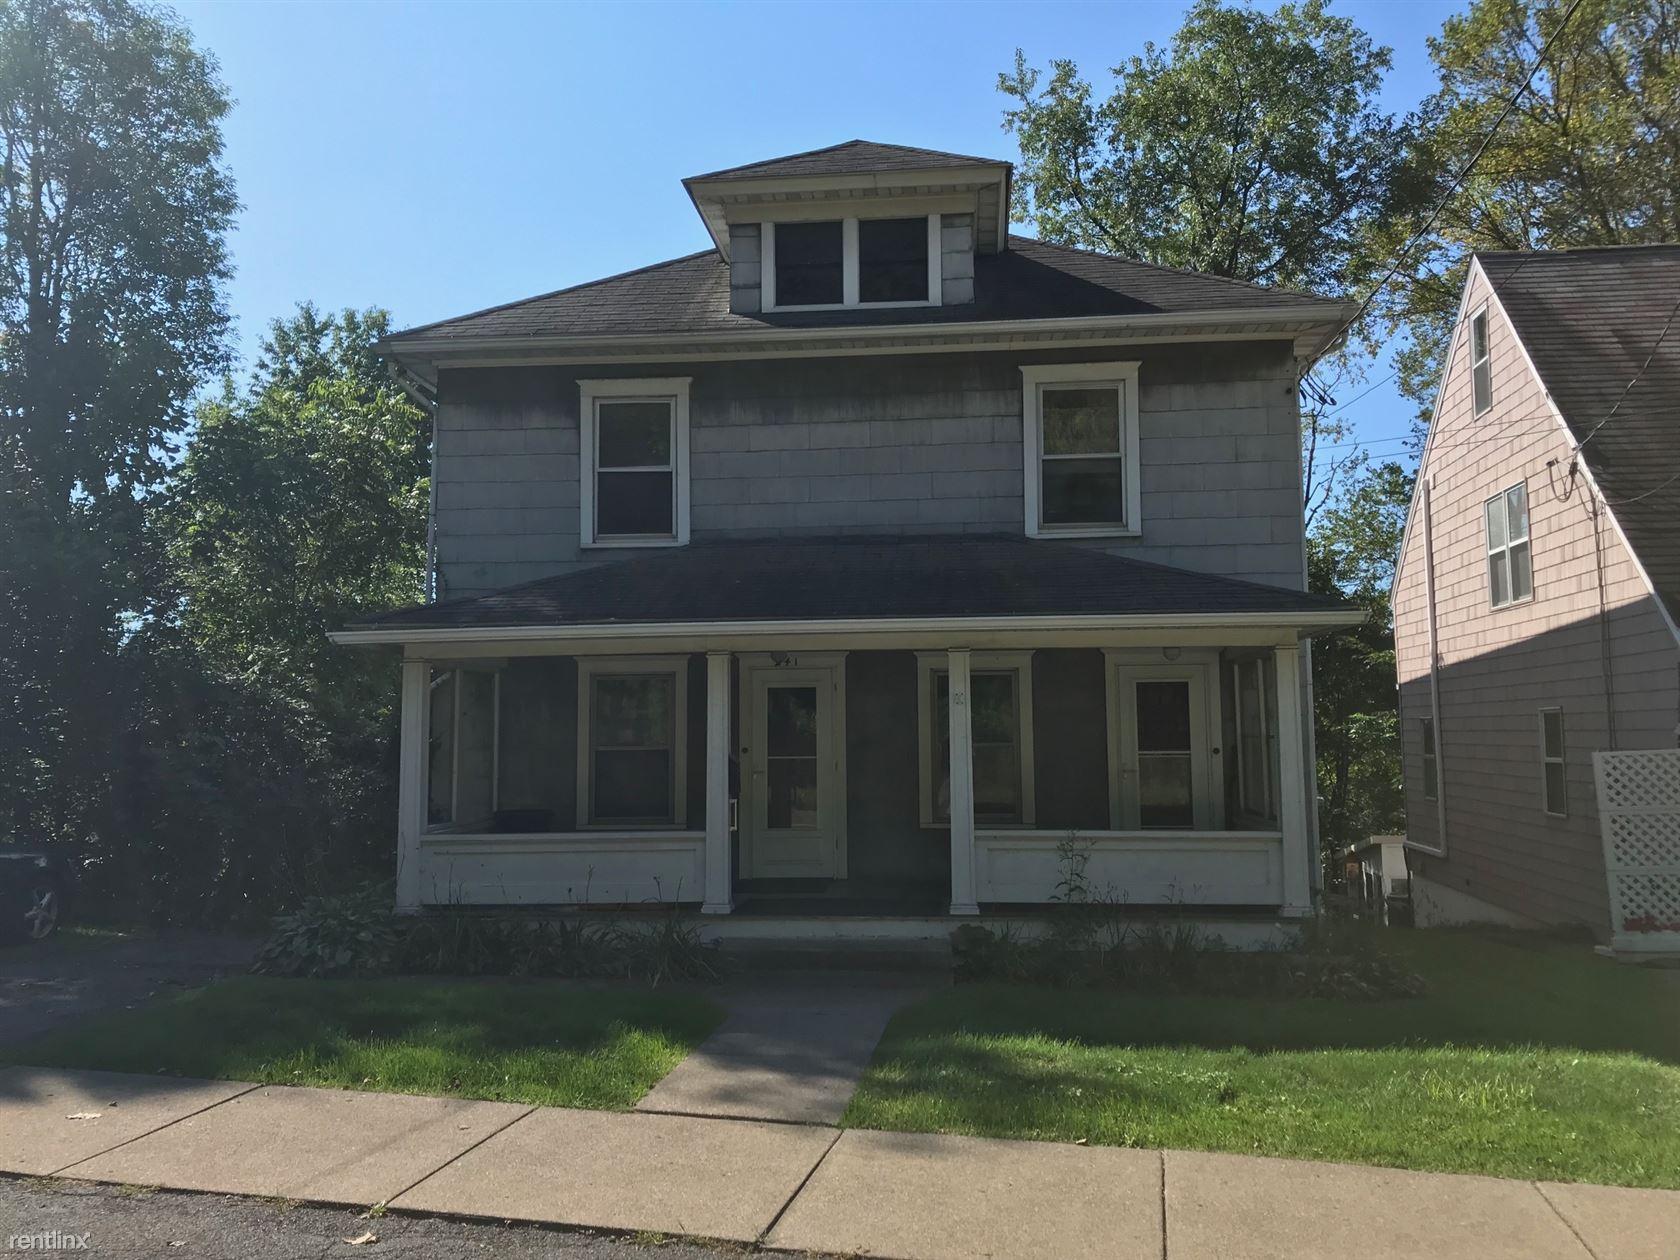 241 Prospect St, Binghamton, NY - $675